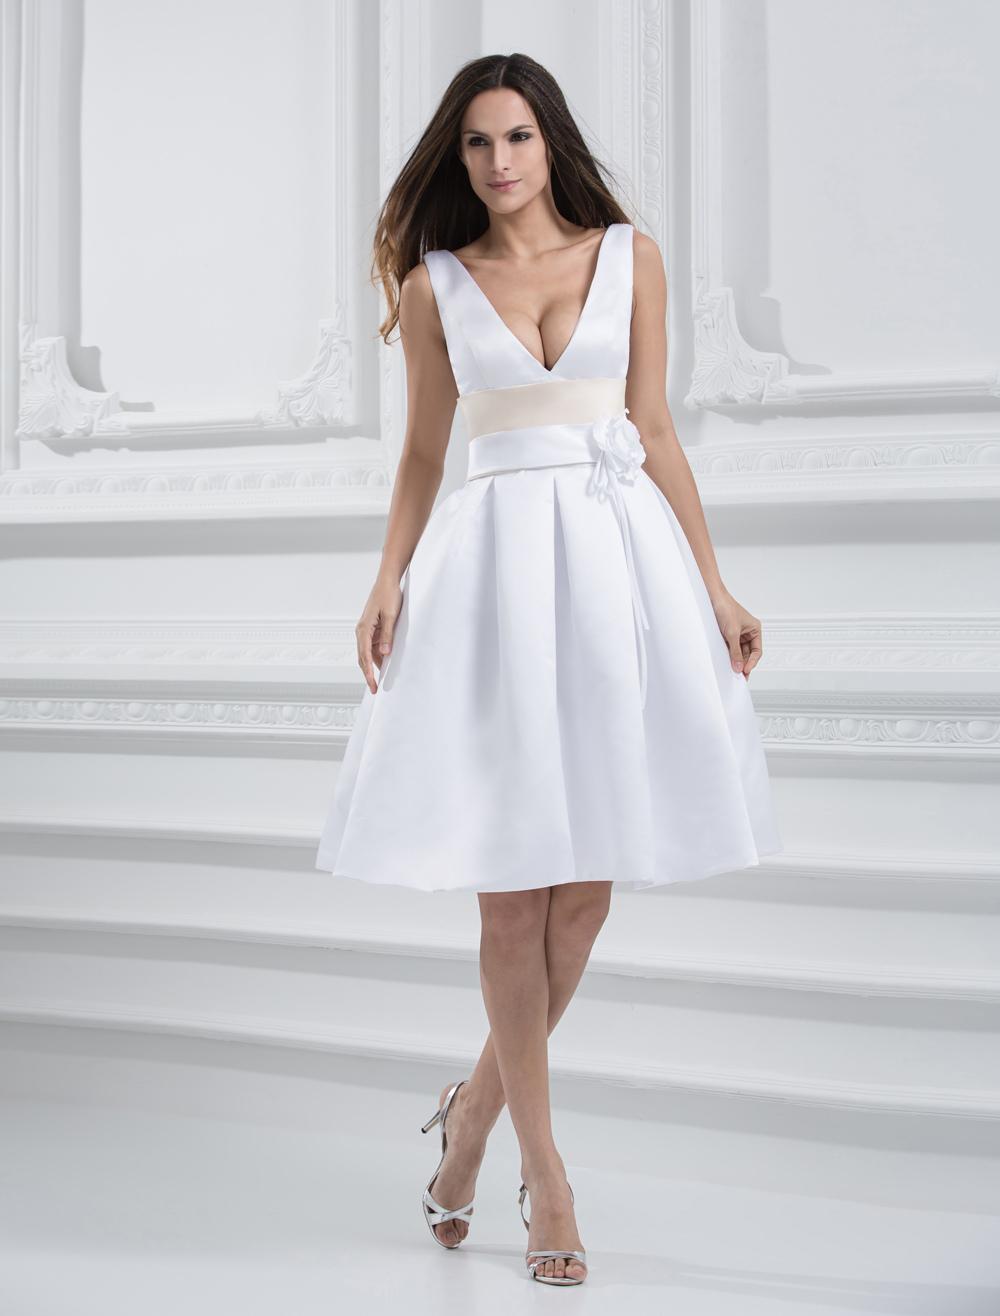 White Knee Length V-Neck Sash Satin Wedding Dress